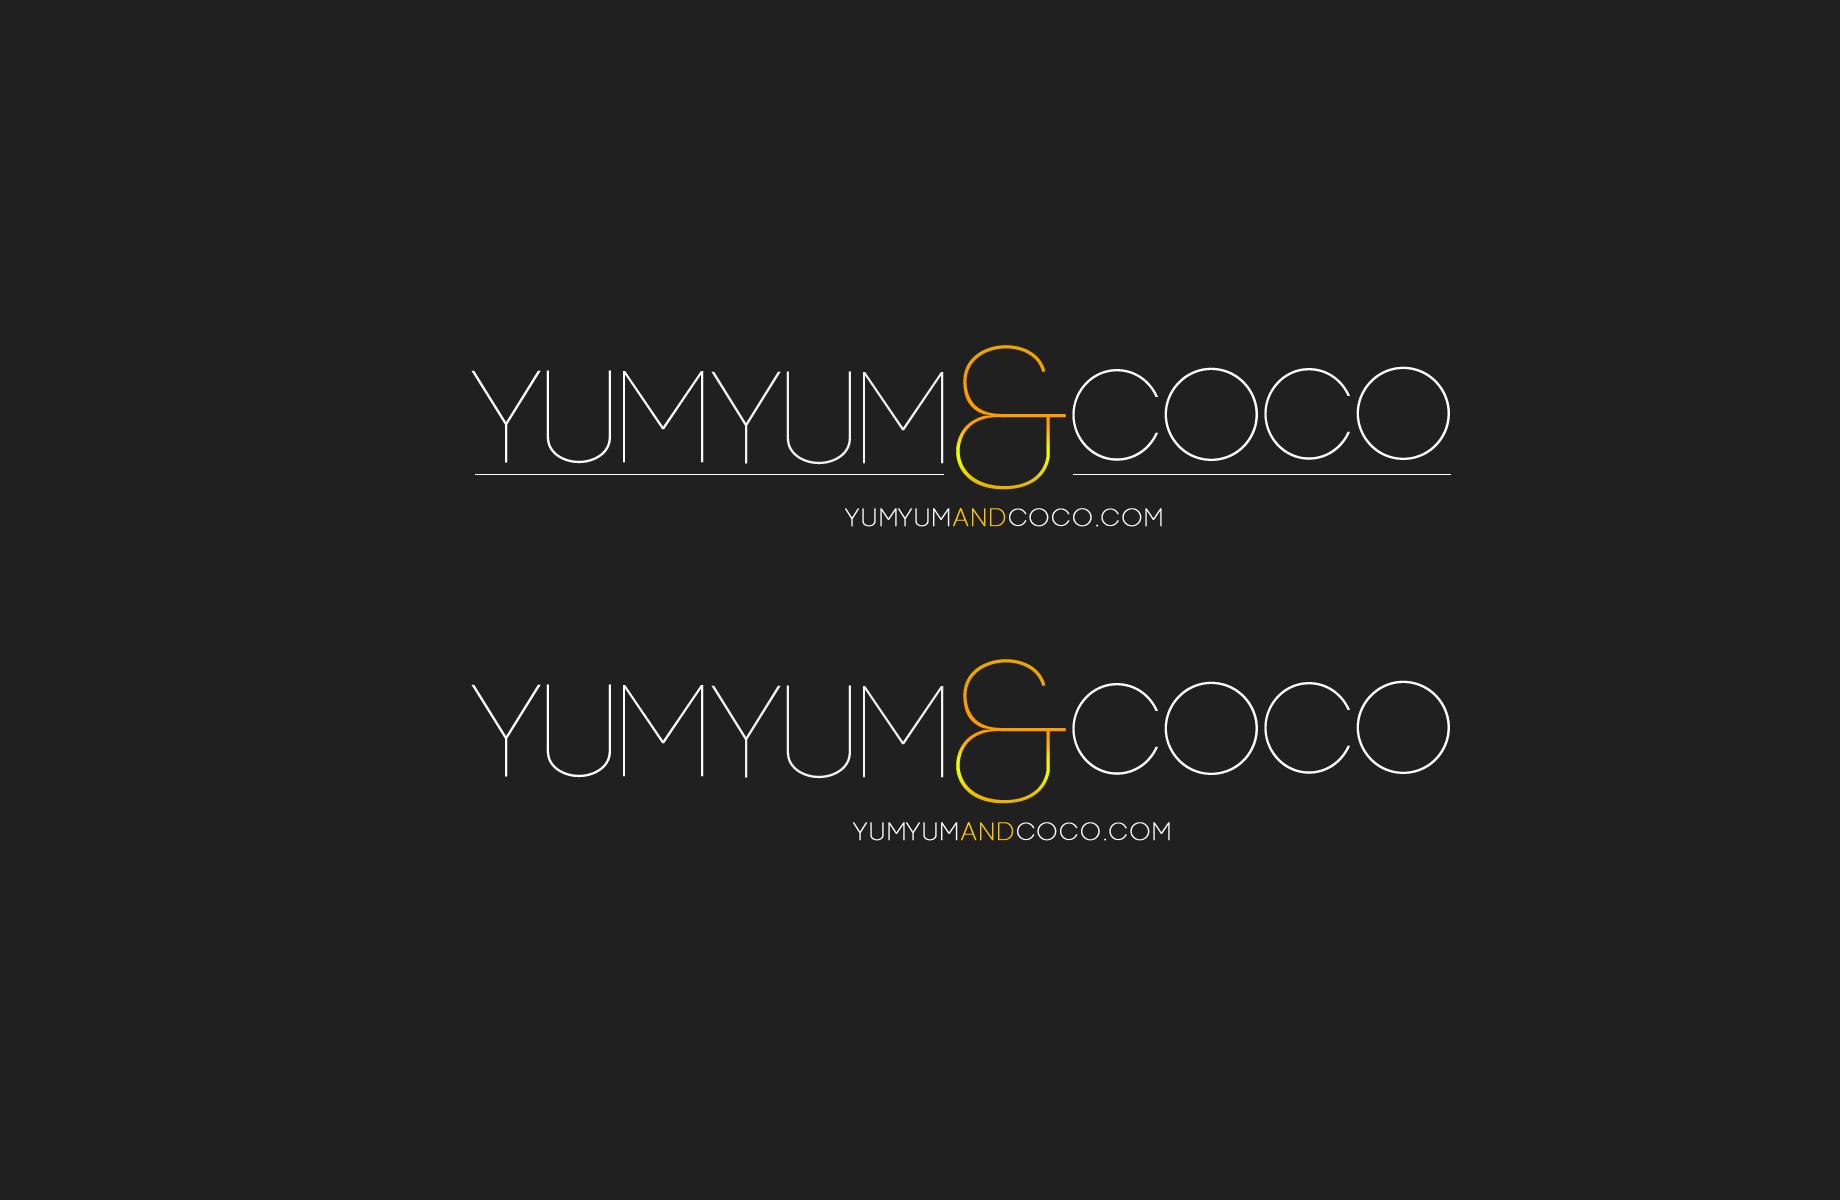 Logo Design by Jan Chua - Entry No. 76 in the Logo Design Contest Logo Design for YumYum & CoCo.